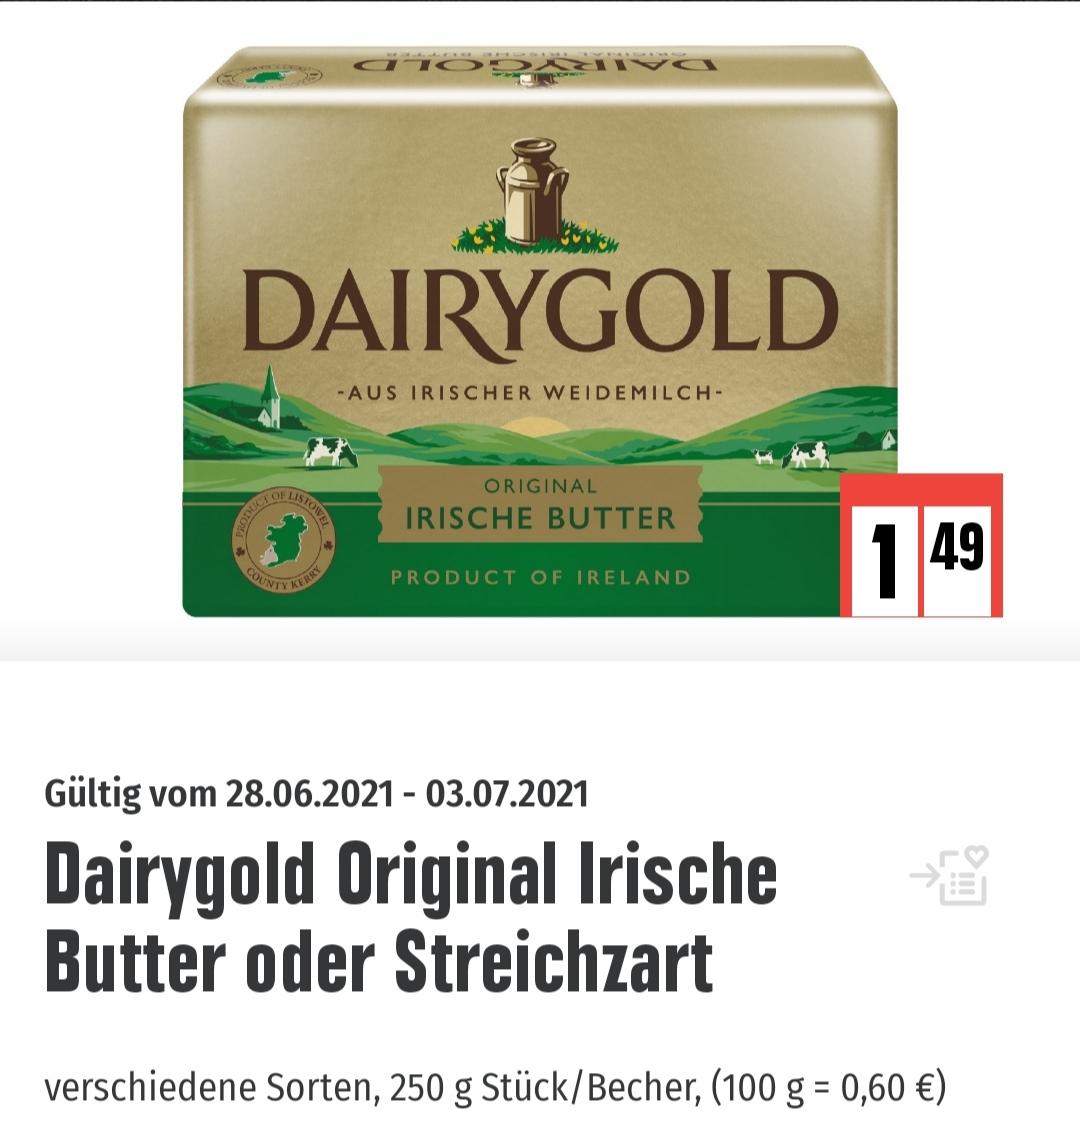 Edeka Dairygold Original Irische Butter 250 Gramm oder Streichzart. Plus 30 extra Punkte Deutschlandcard App. Effektiv 1,19 Euro.